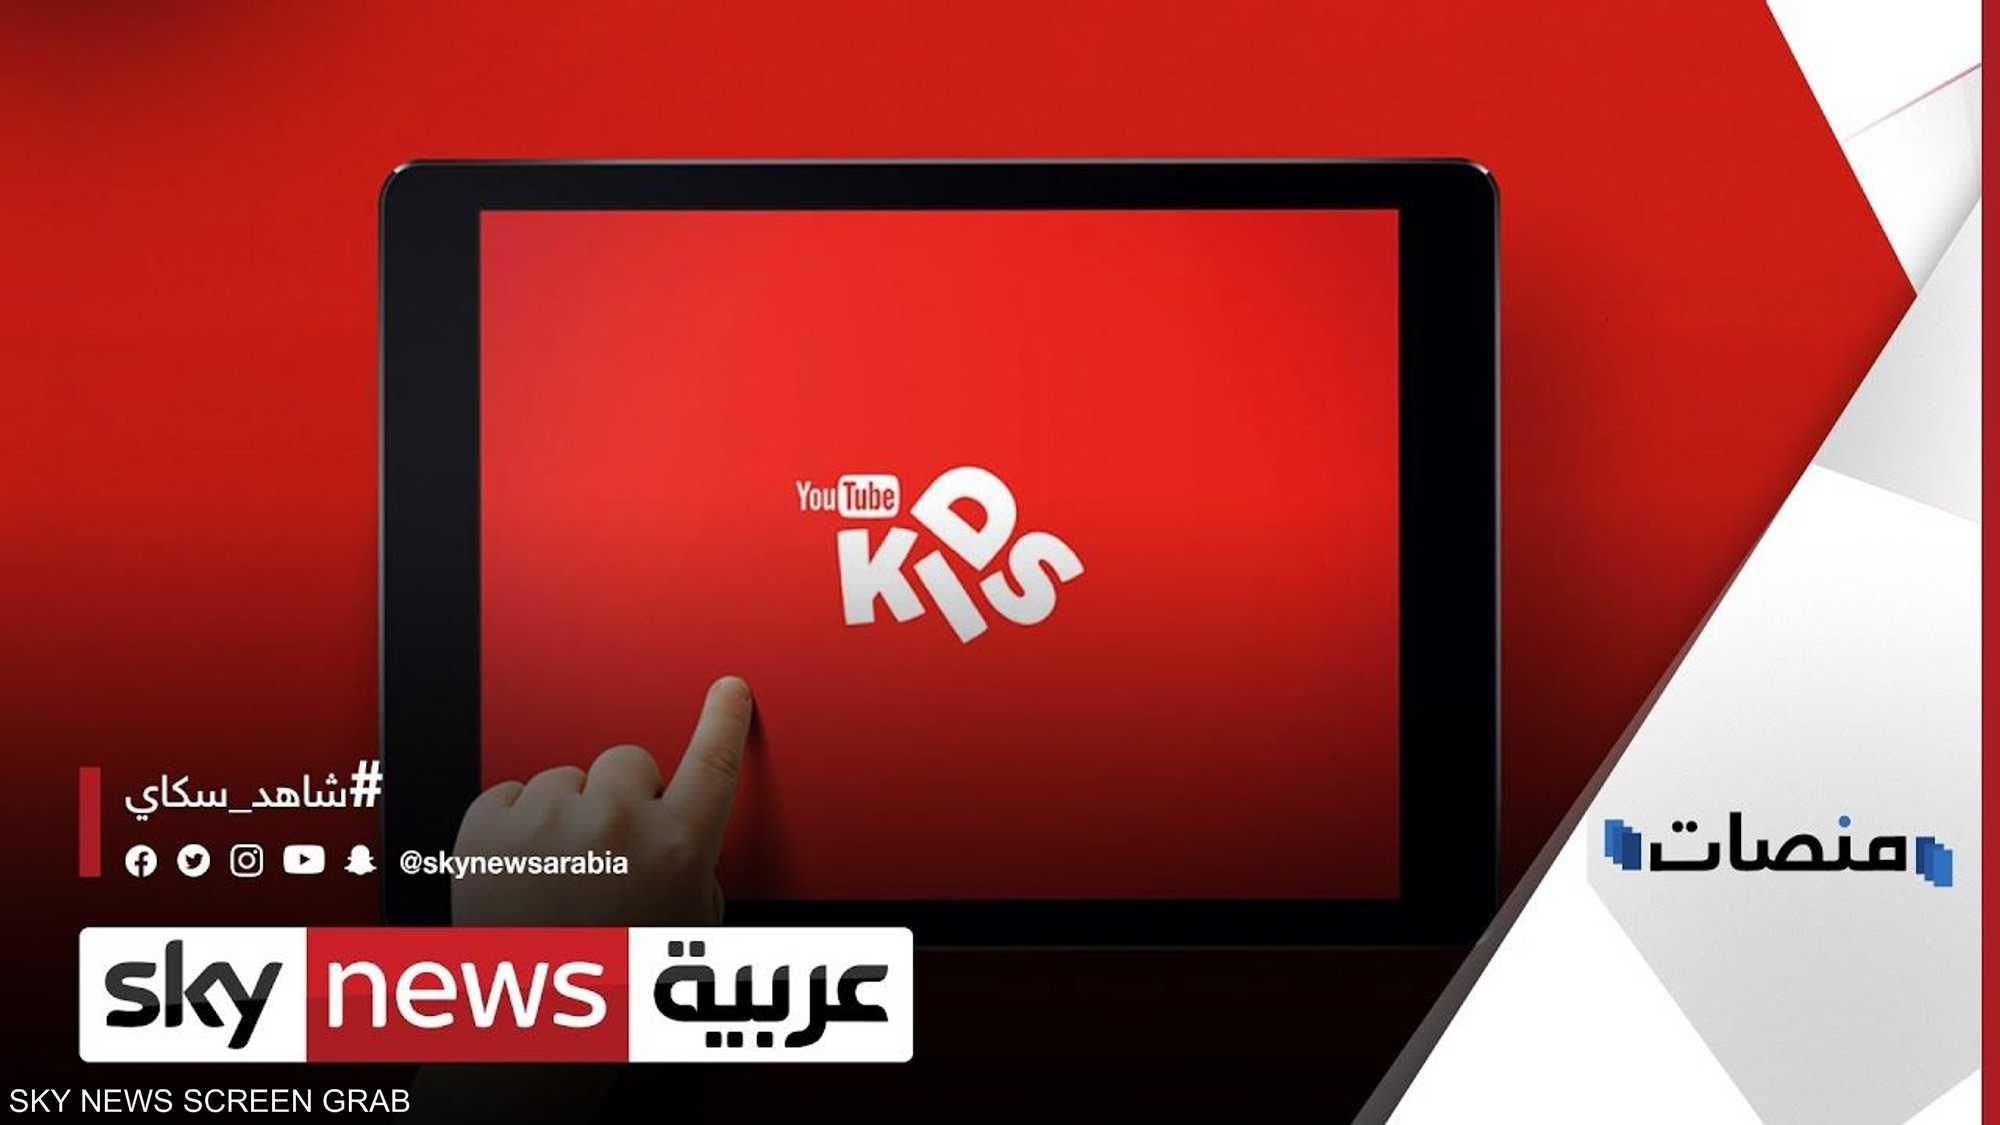 أخيراً.. يوتيوب كيدز ينطلق في الشرق الأوسط